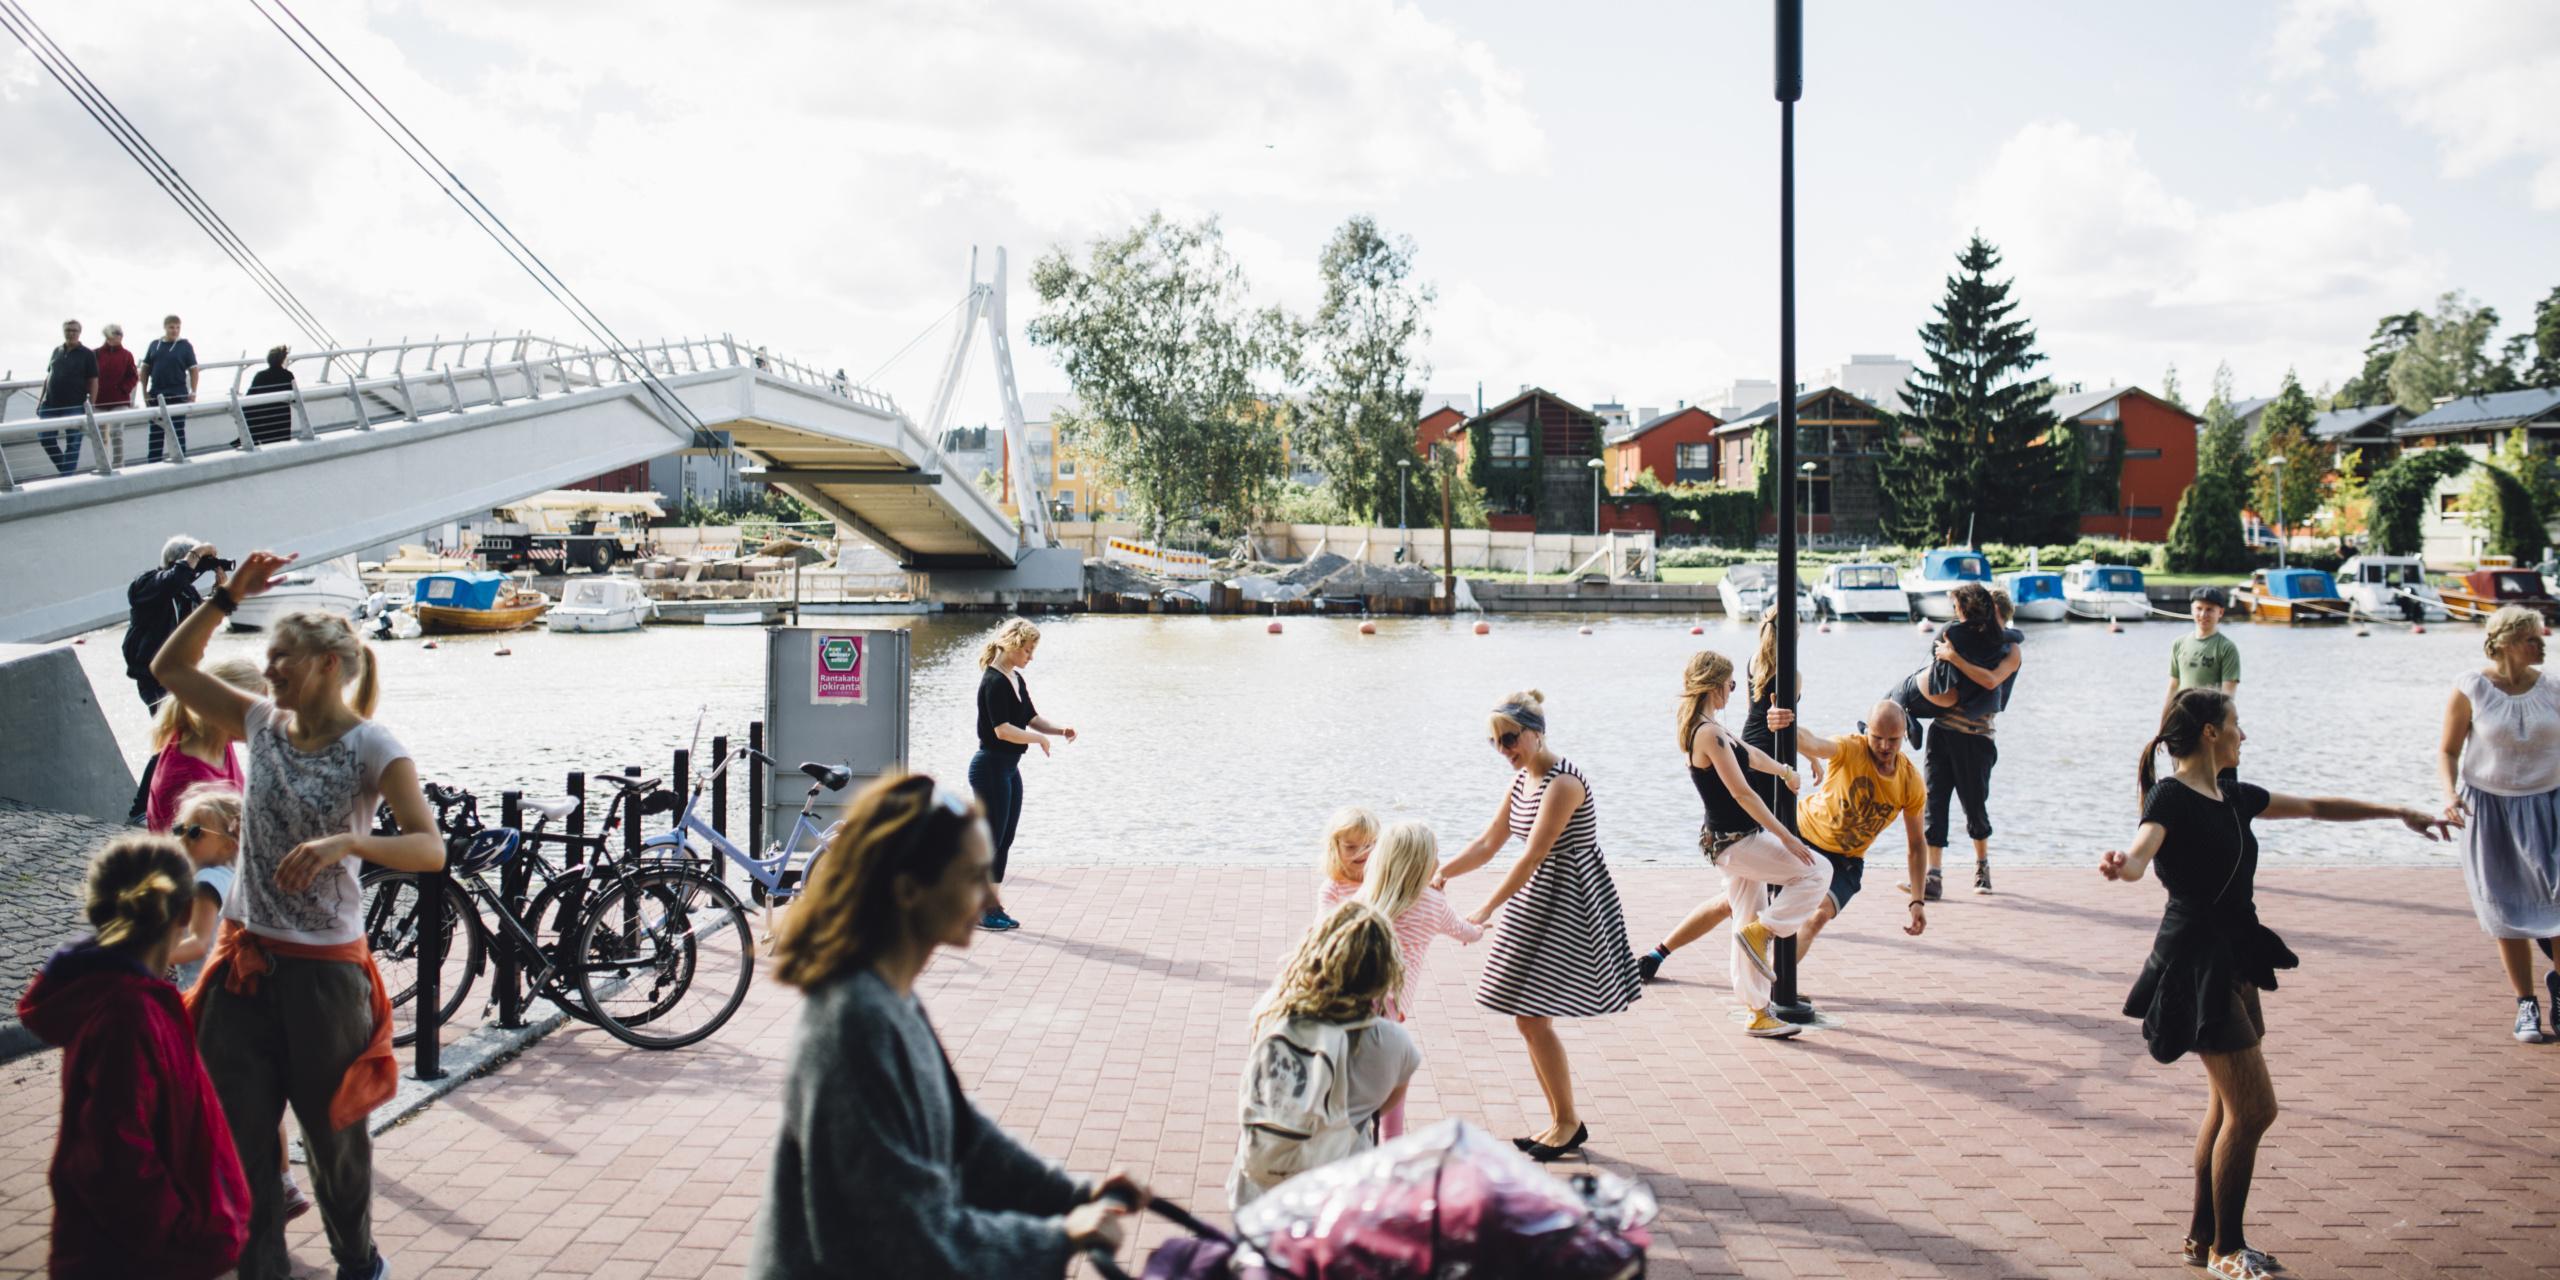 Kaupungin rantanäkymässä tanssivia ihmisiä, lapsia ja aikuisia. Taustalla veneitä ja rakennuksia.